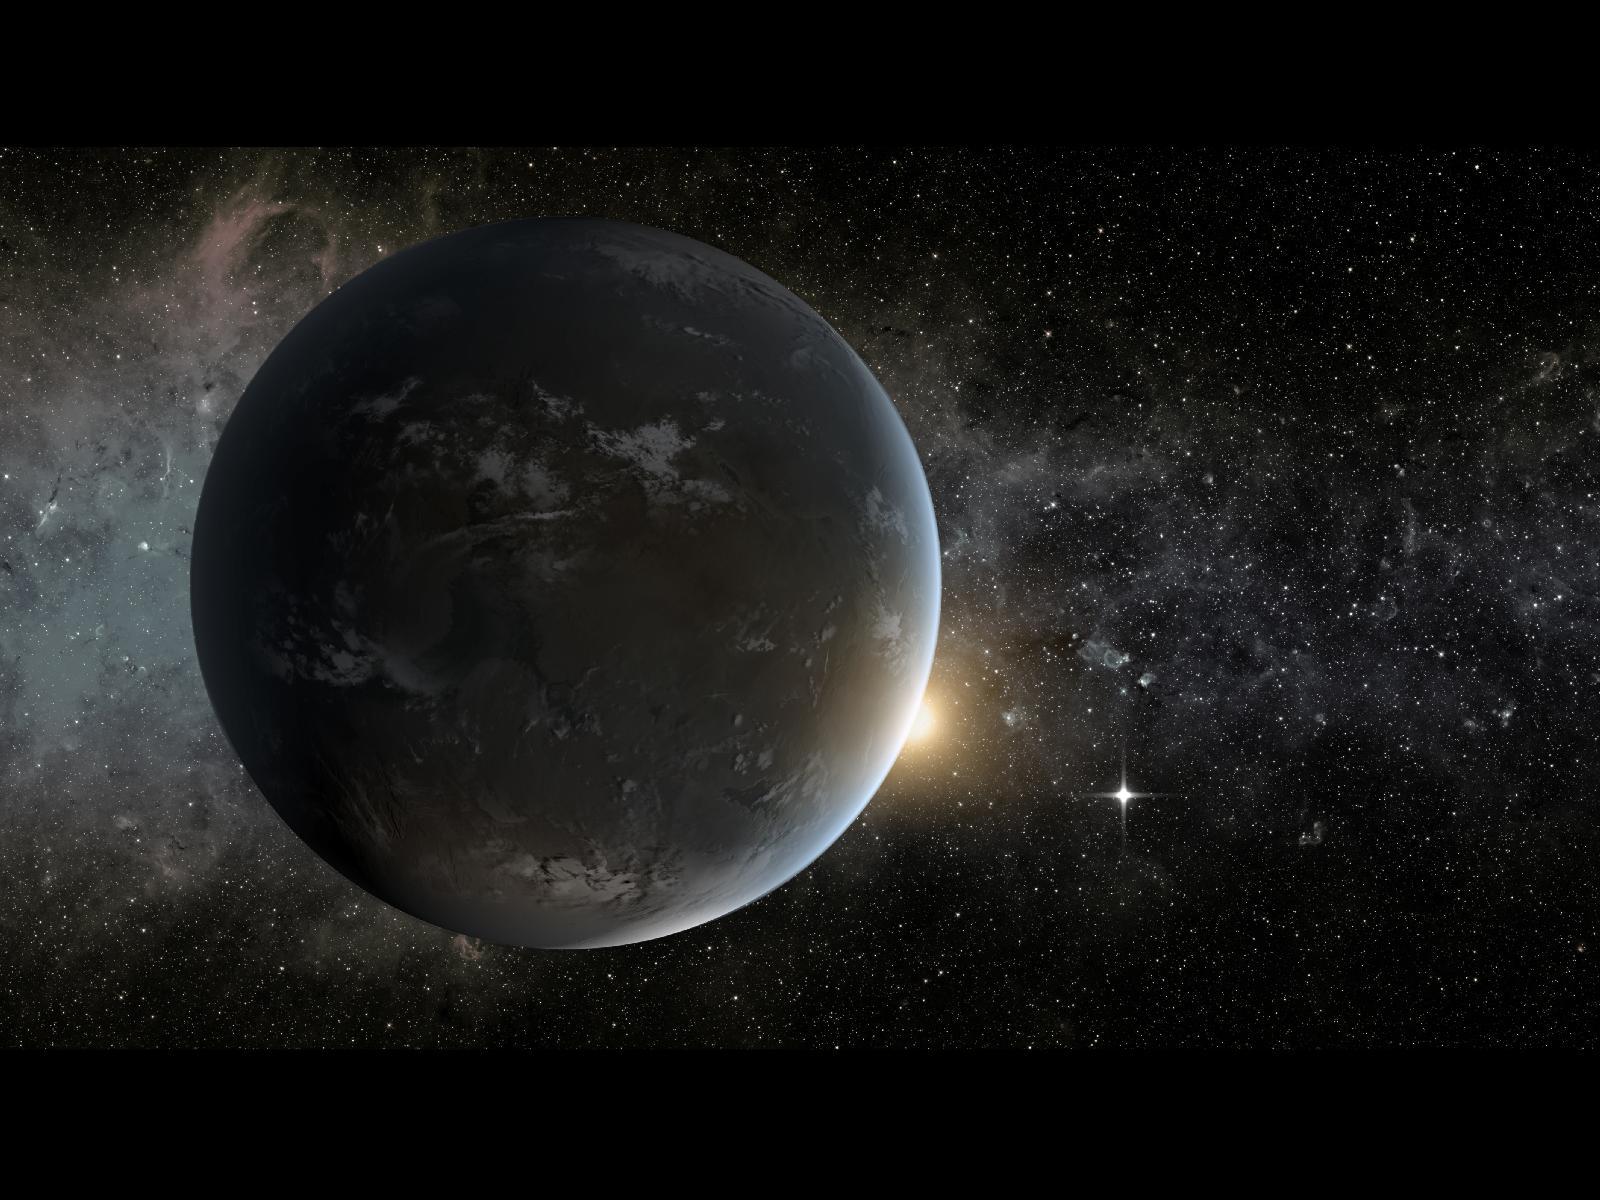 """Scoperti """"i due pianeti più simili alla Terra"""" (VIDEO e IMMAGINI)"""